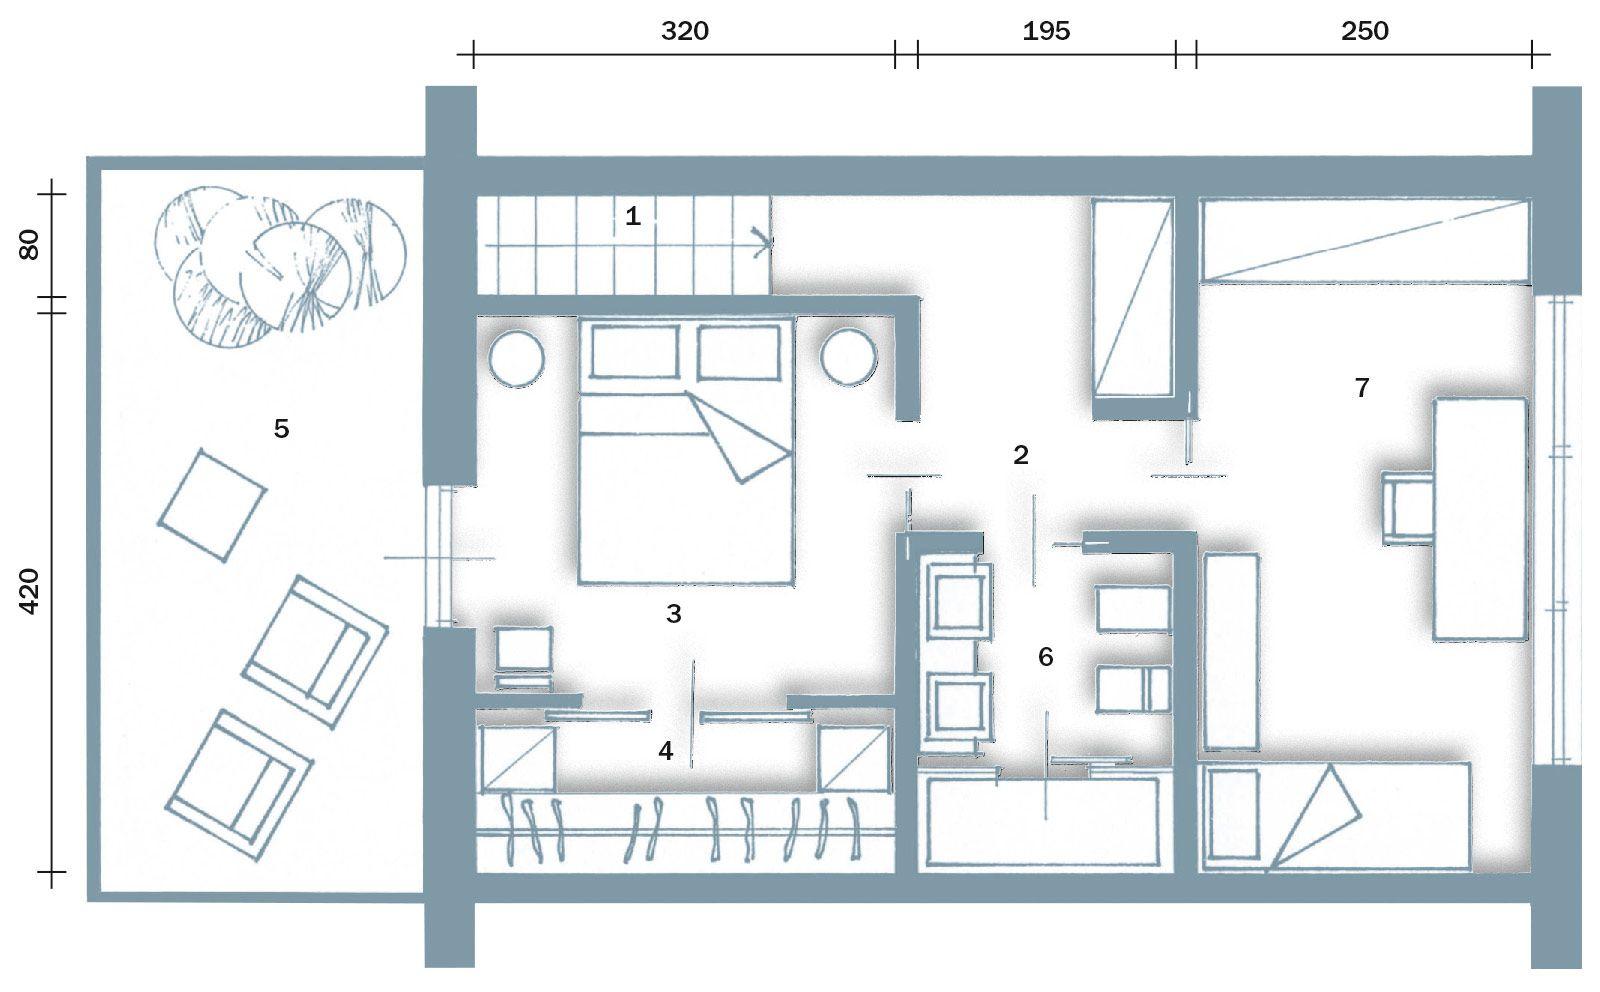 dimensioni minime camera da letto dimensioni minime